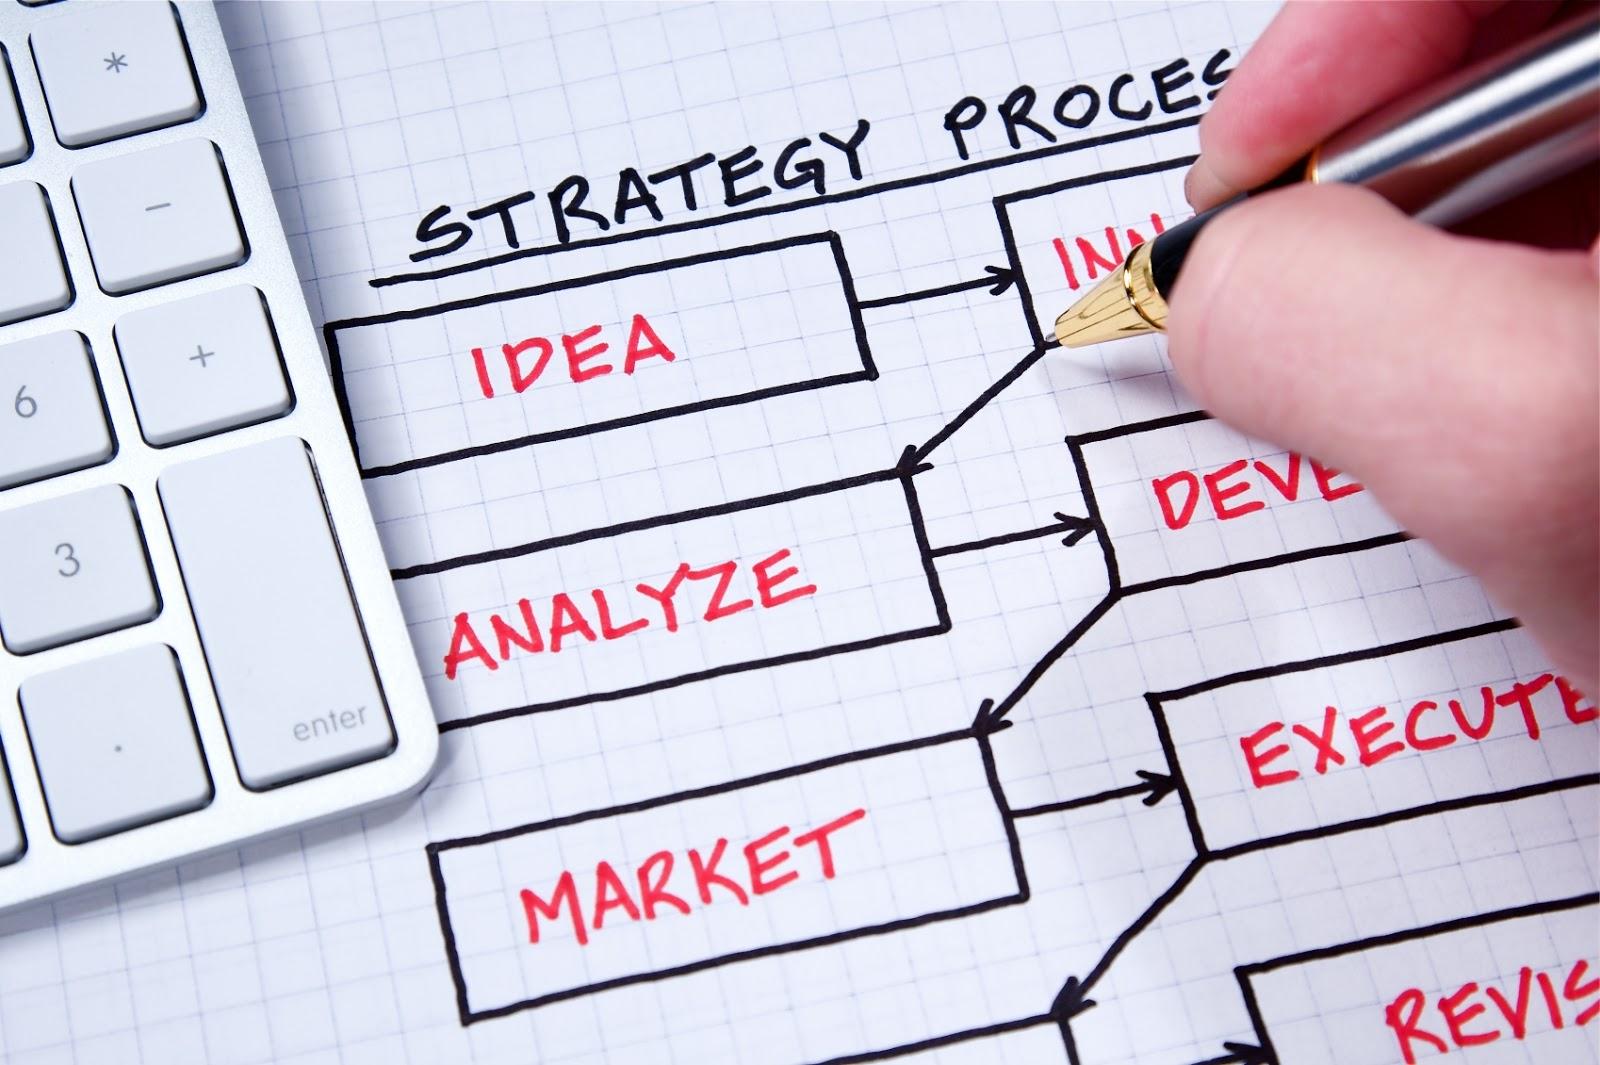 http://1.bp.blogspot.com/-WM_RqscUvV0/UcQJ_cTteSI/AAAAAAAAAwE/6ixmWND5q08/s1600/Strategic-Marketing-Planning.jpg